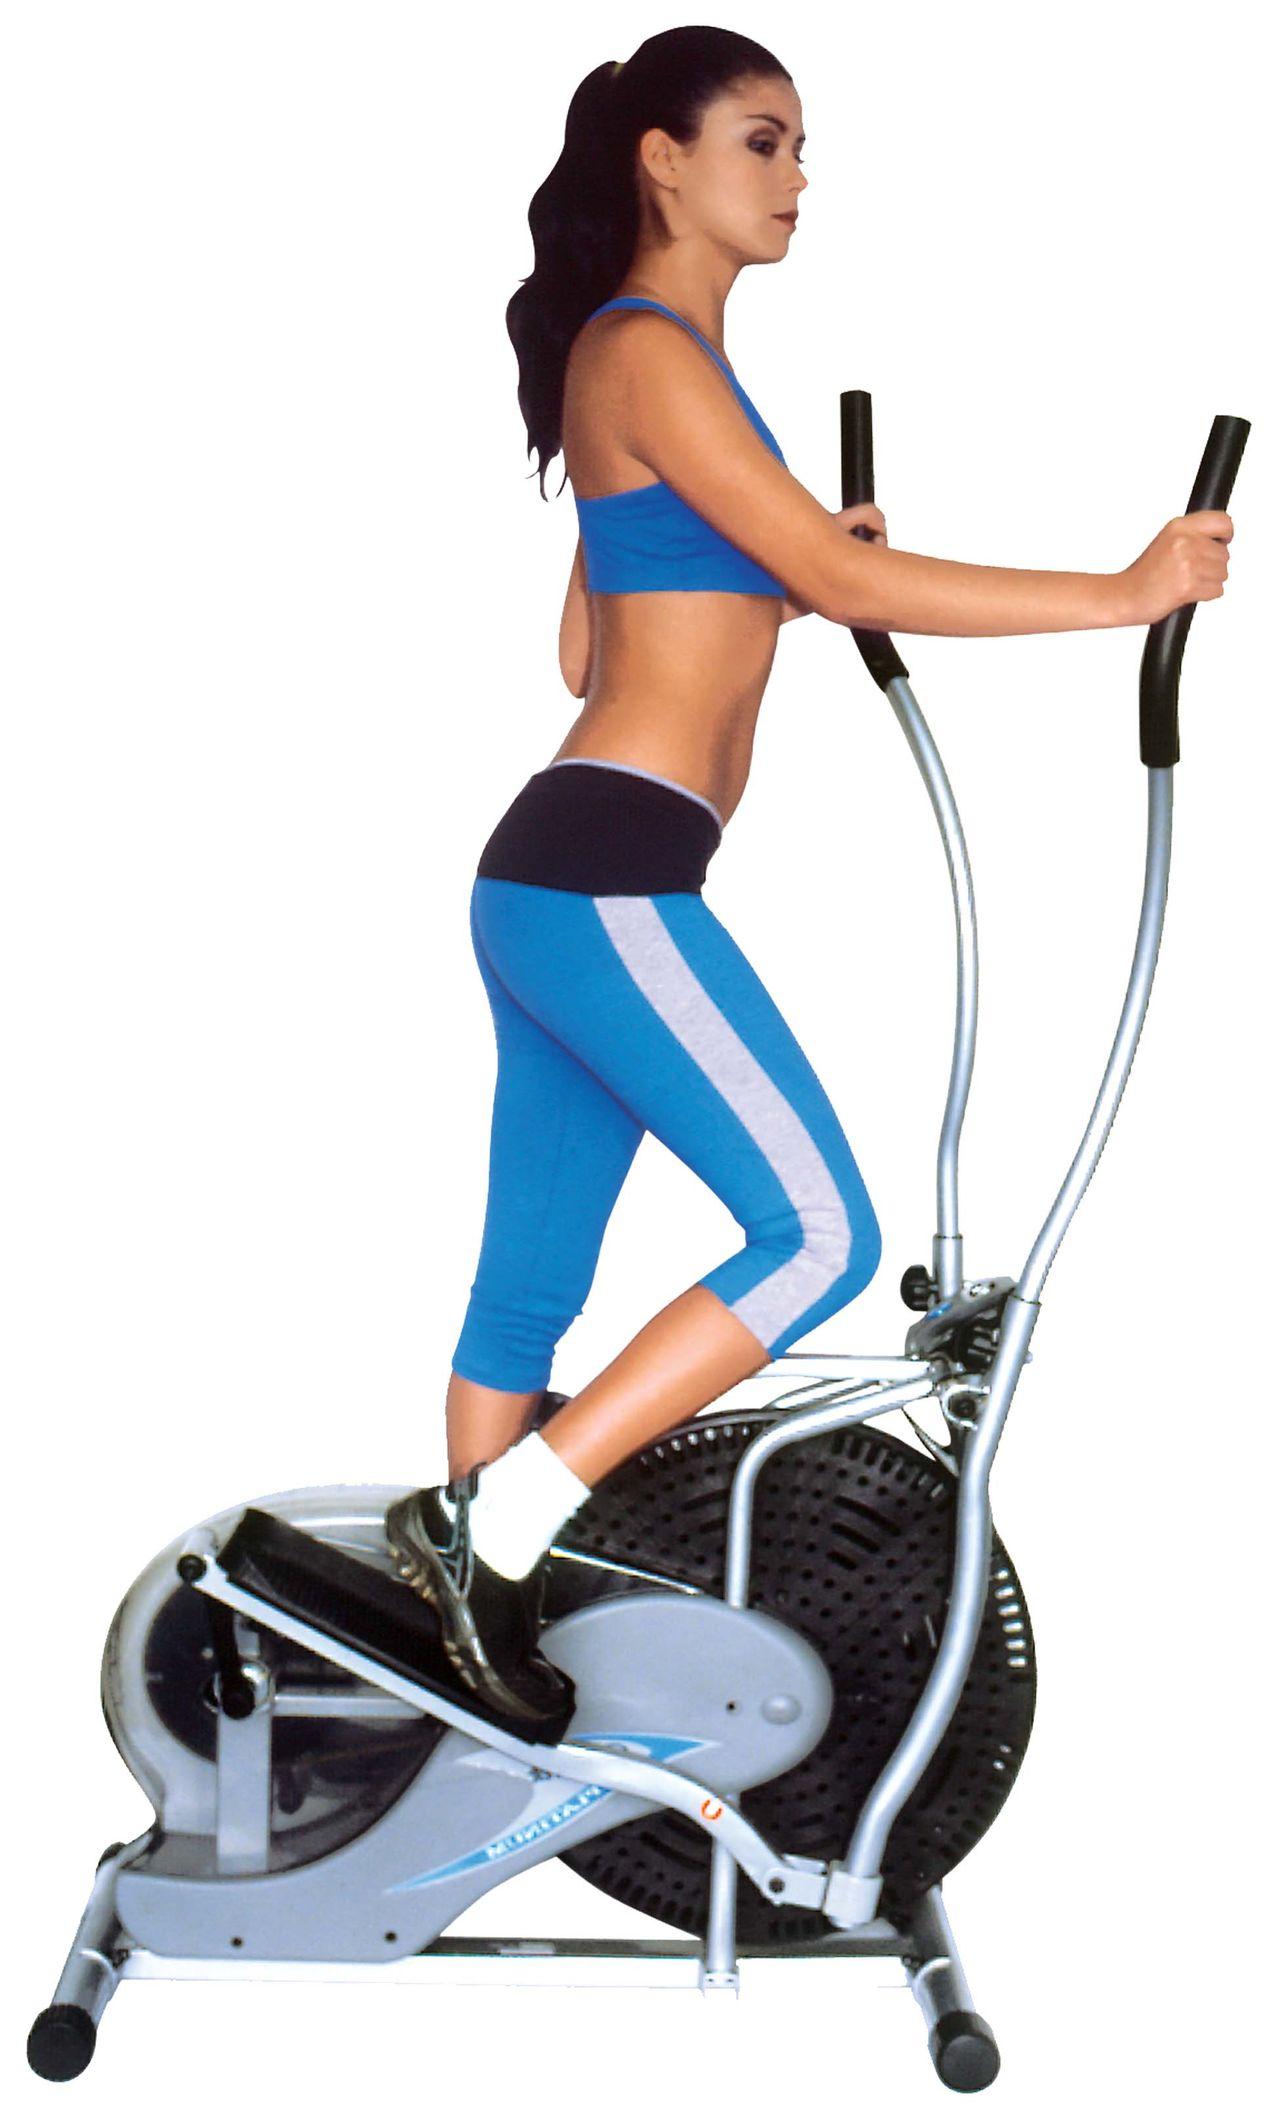 Лучшие Домашние Тренажеры Для Похудения. Какой тренажер самый эффективный для похудения